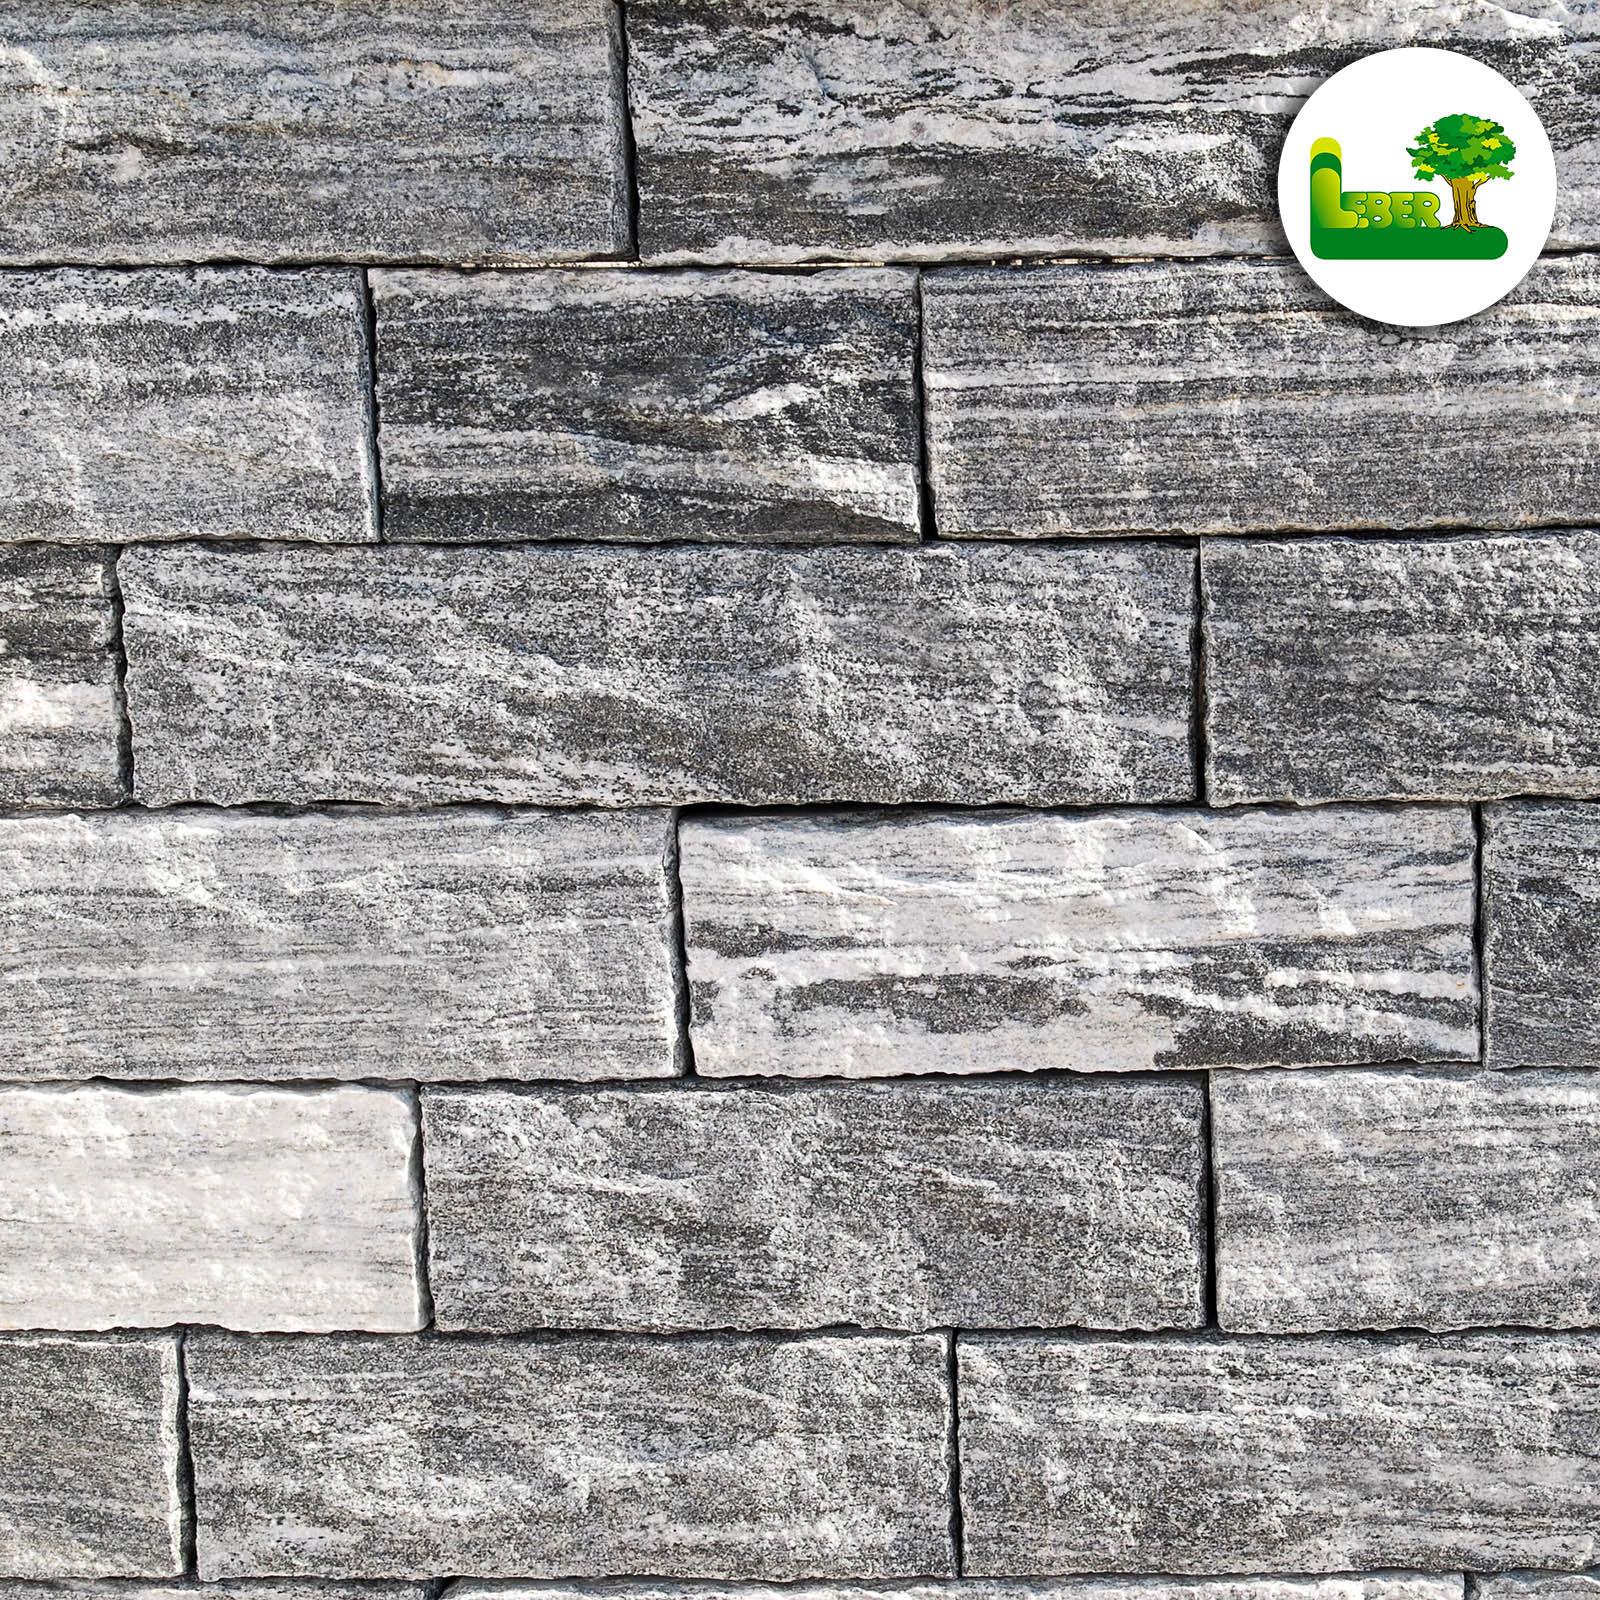 Gartenmauer aus naturstein ideen beispiele bilder for Natursteine garten